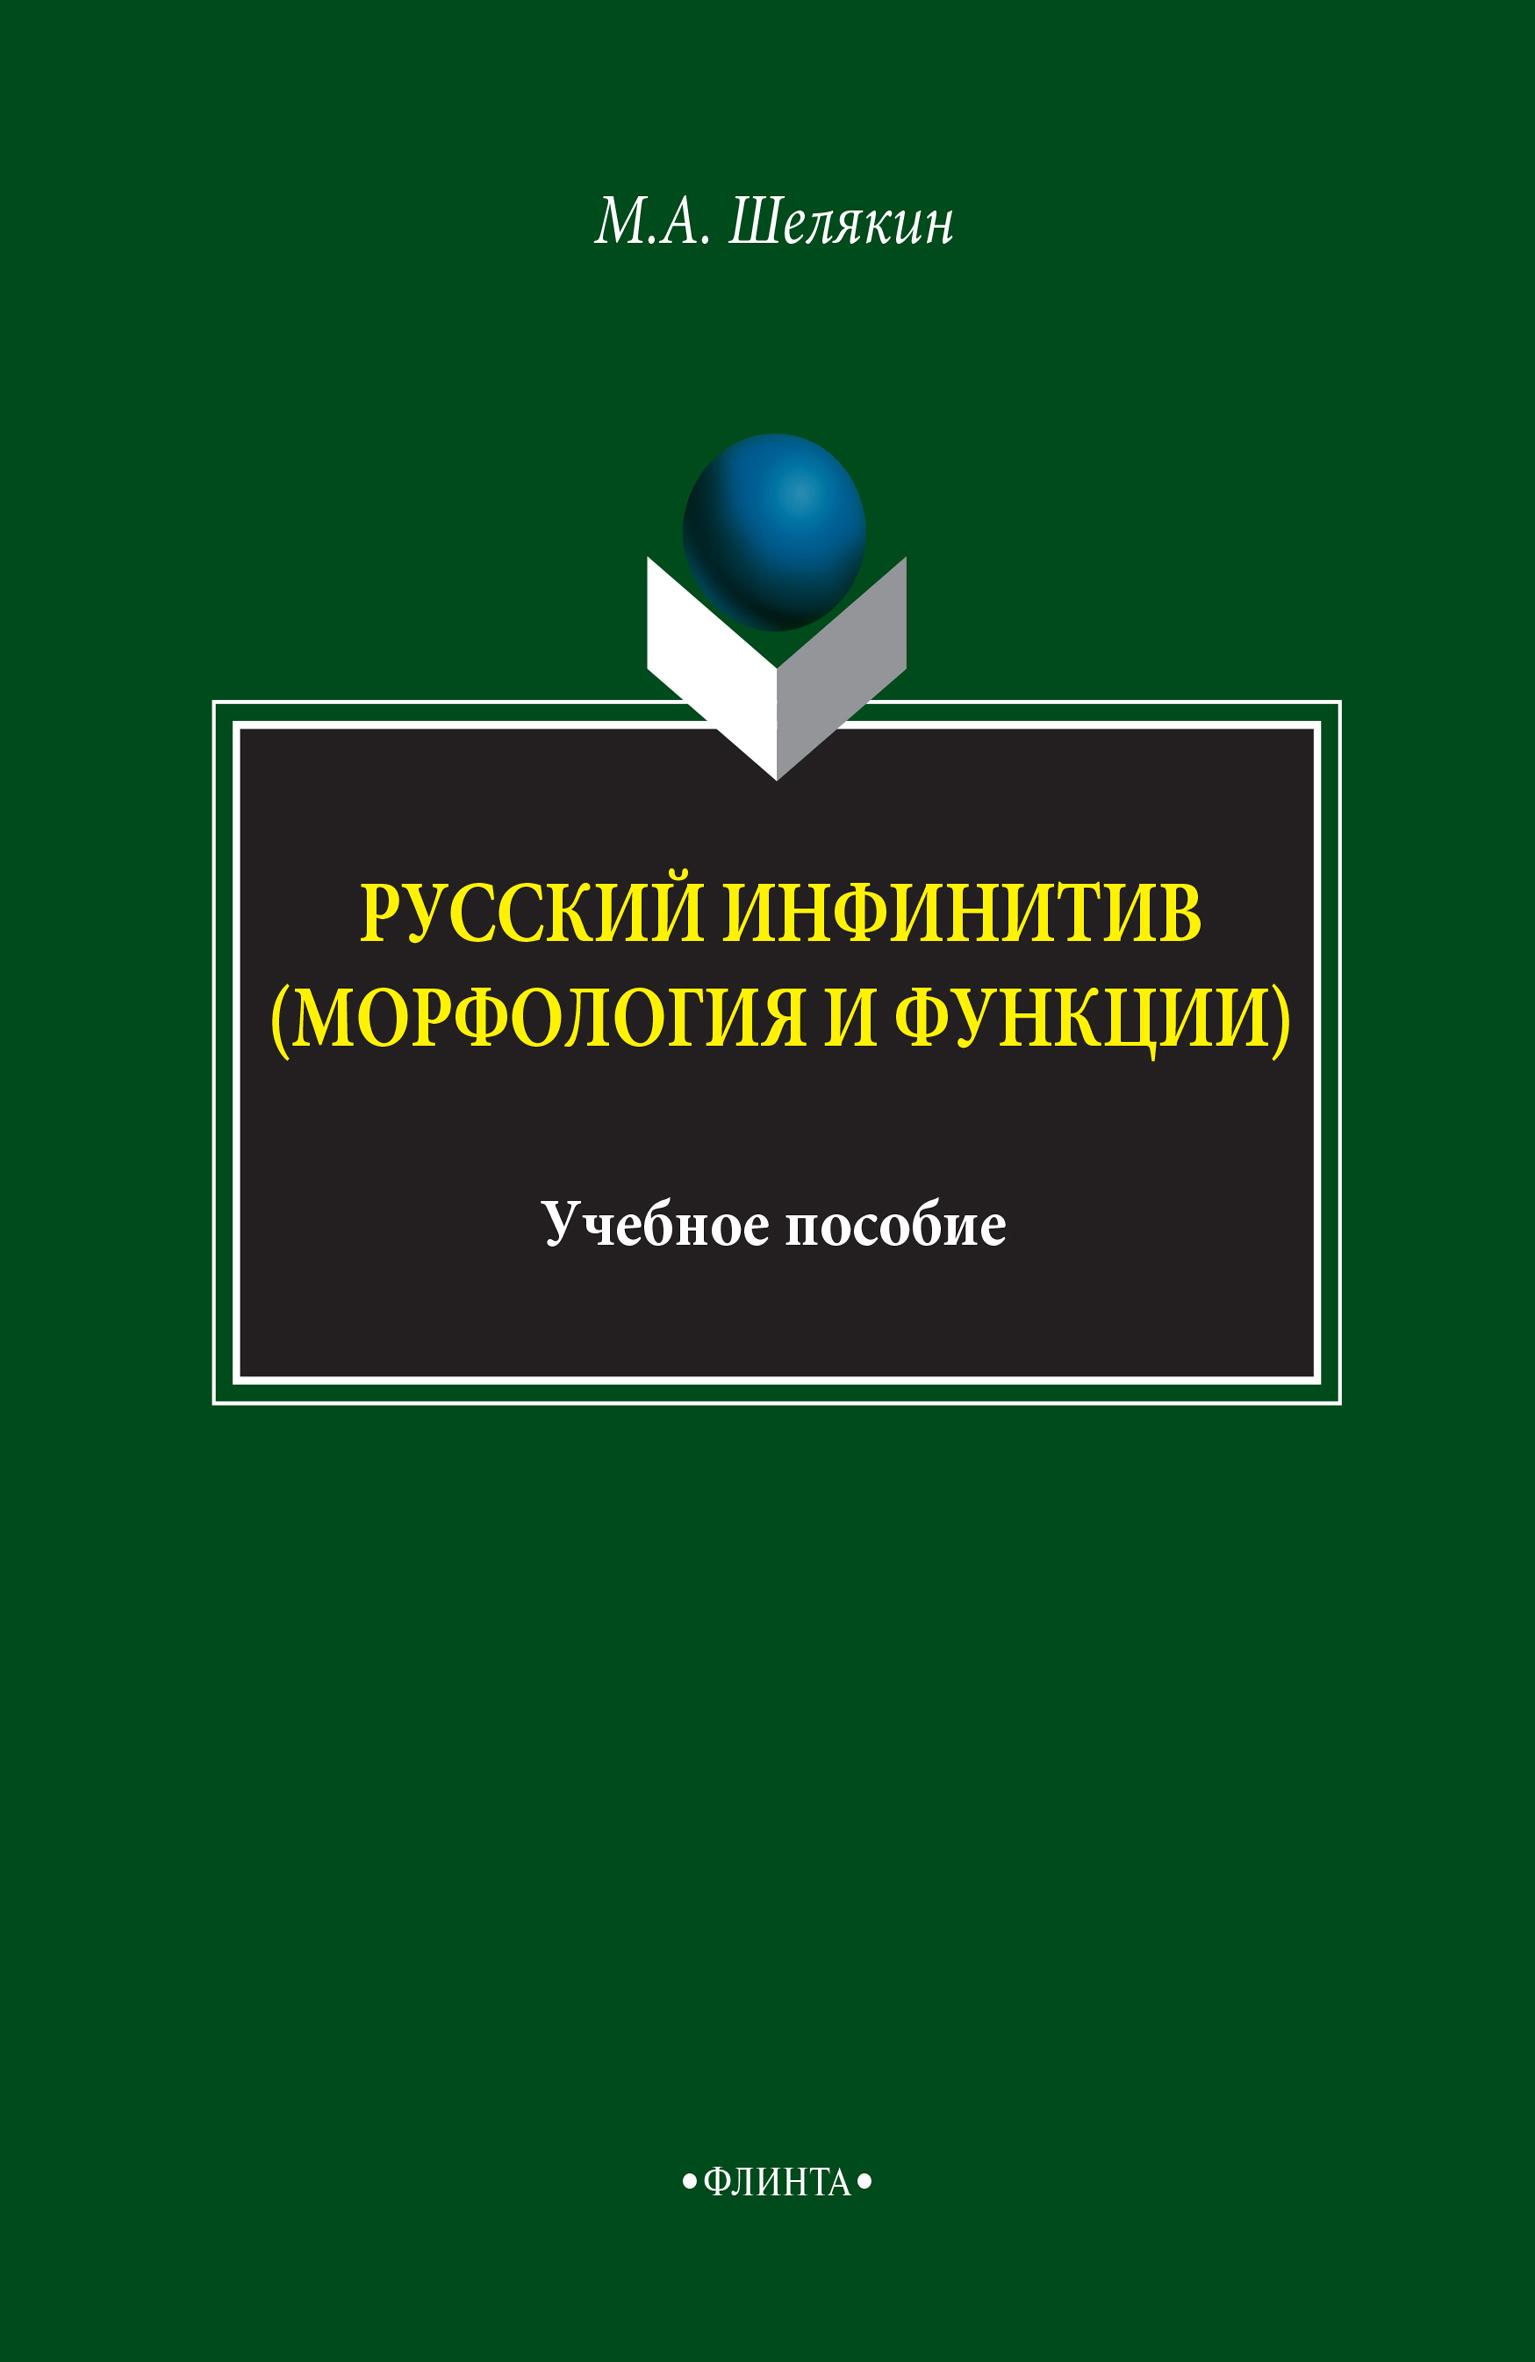 М. А. Шелякин Русский инфинитив (морфология и функции). Учебное пособие светодиодный фонарик xiaomi leao portable cree xp черный